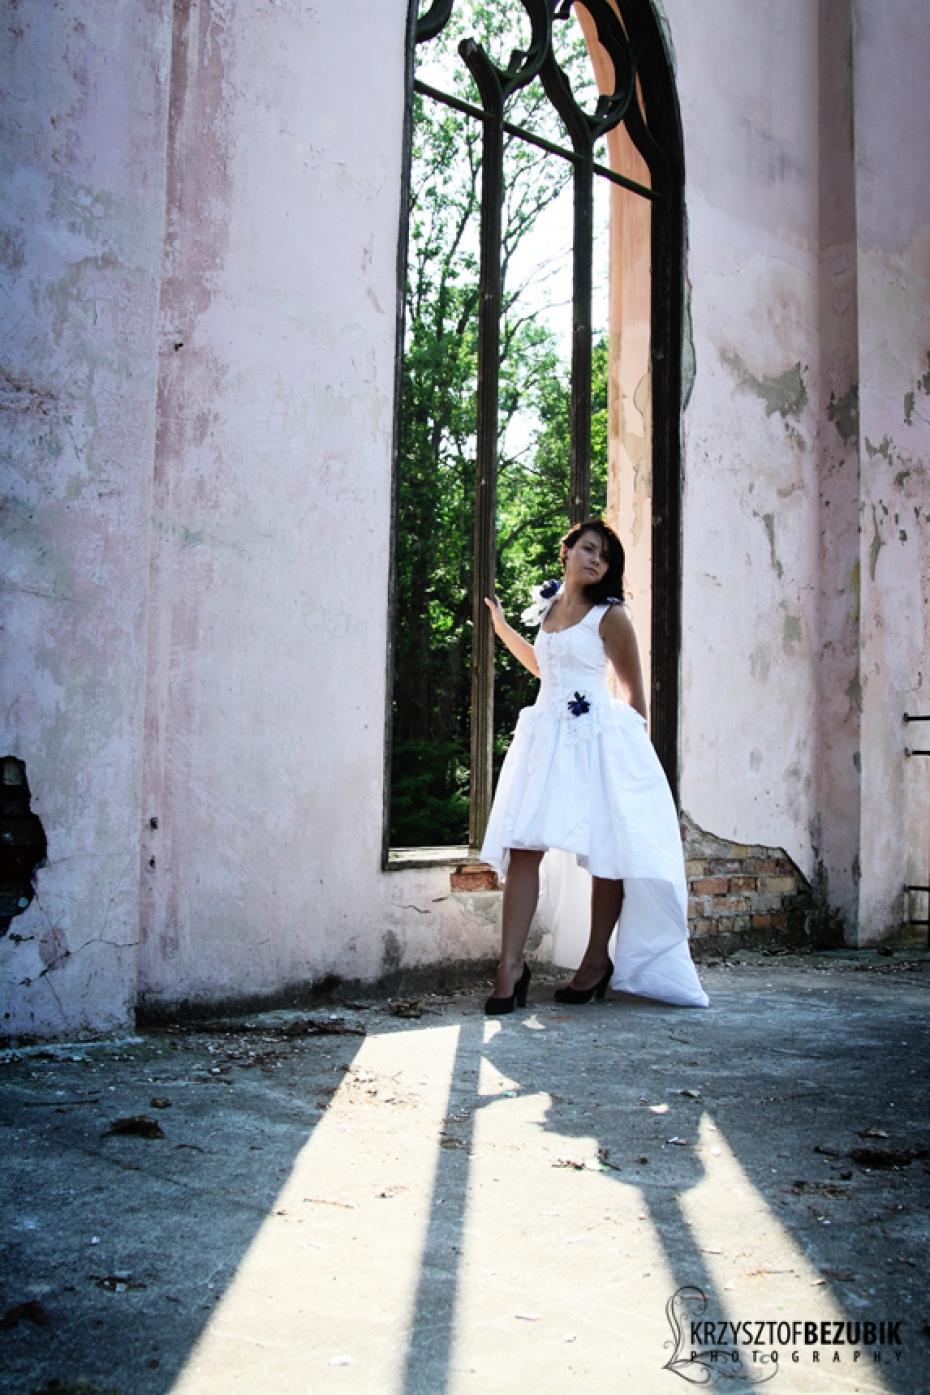 4-dpp_fotografia-slubna_bialystok_zdjecia-slubne_bialystok_0206a